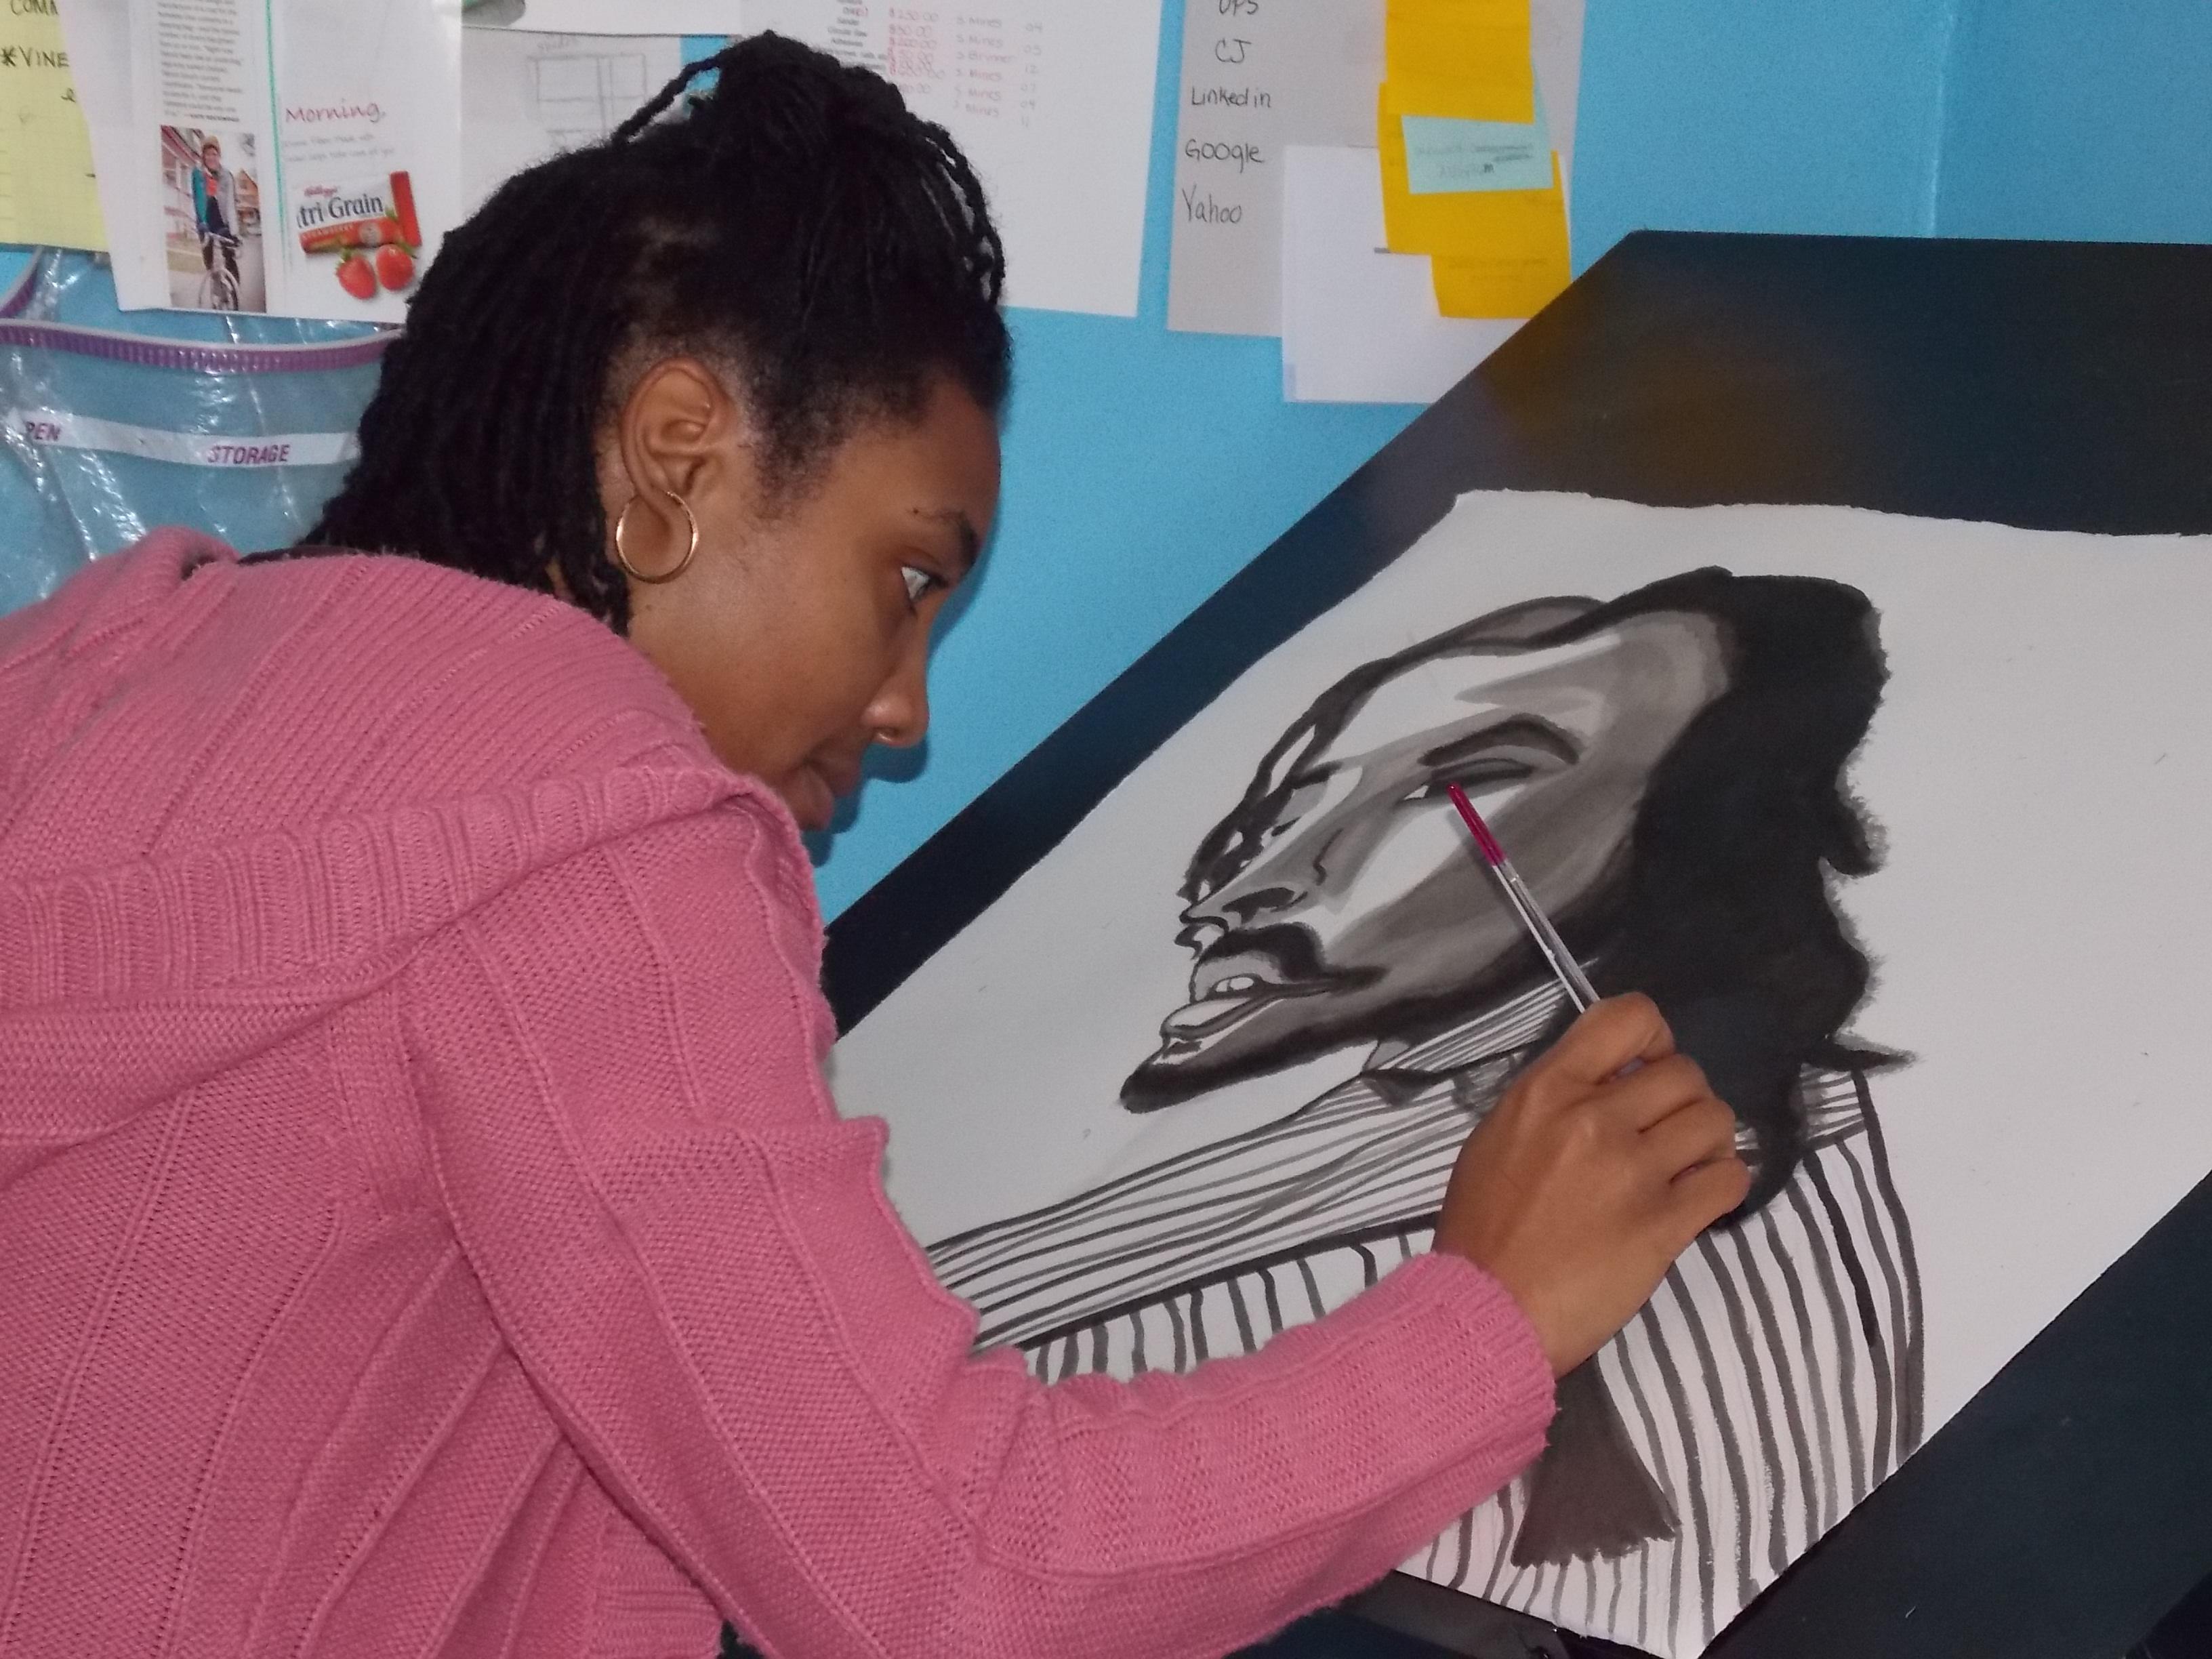 Artist Bios Aug